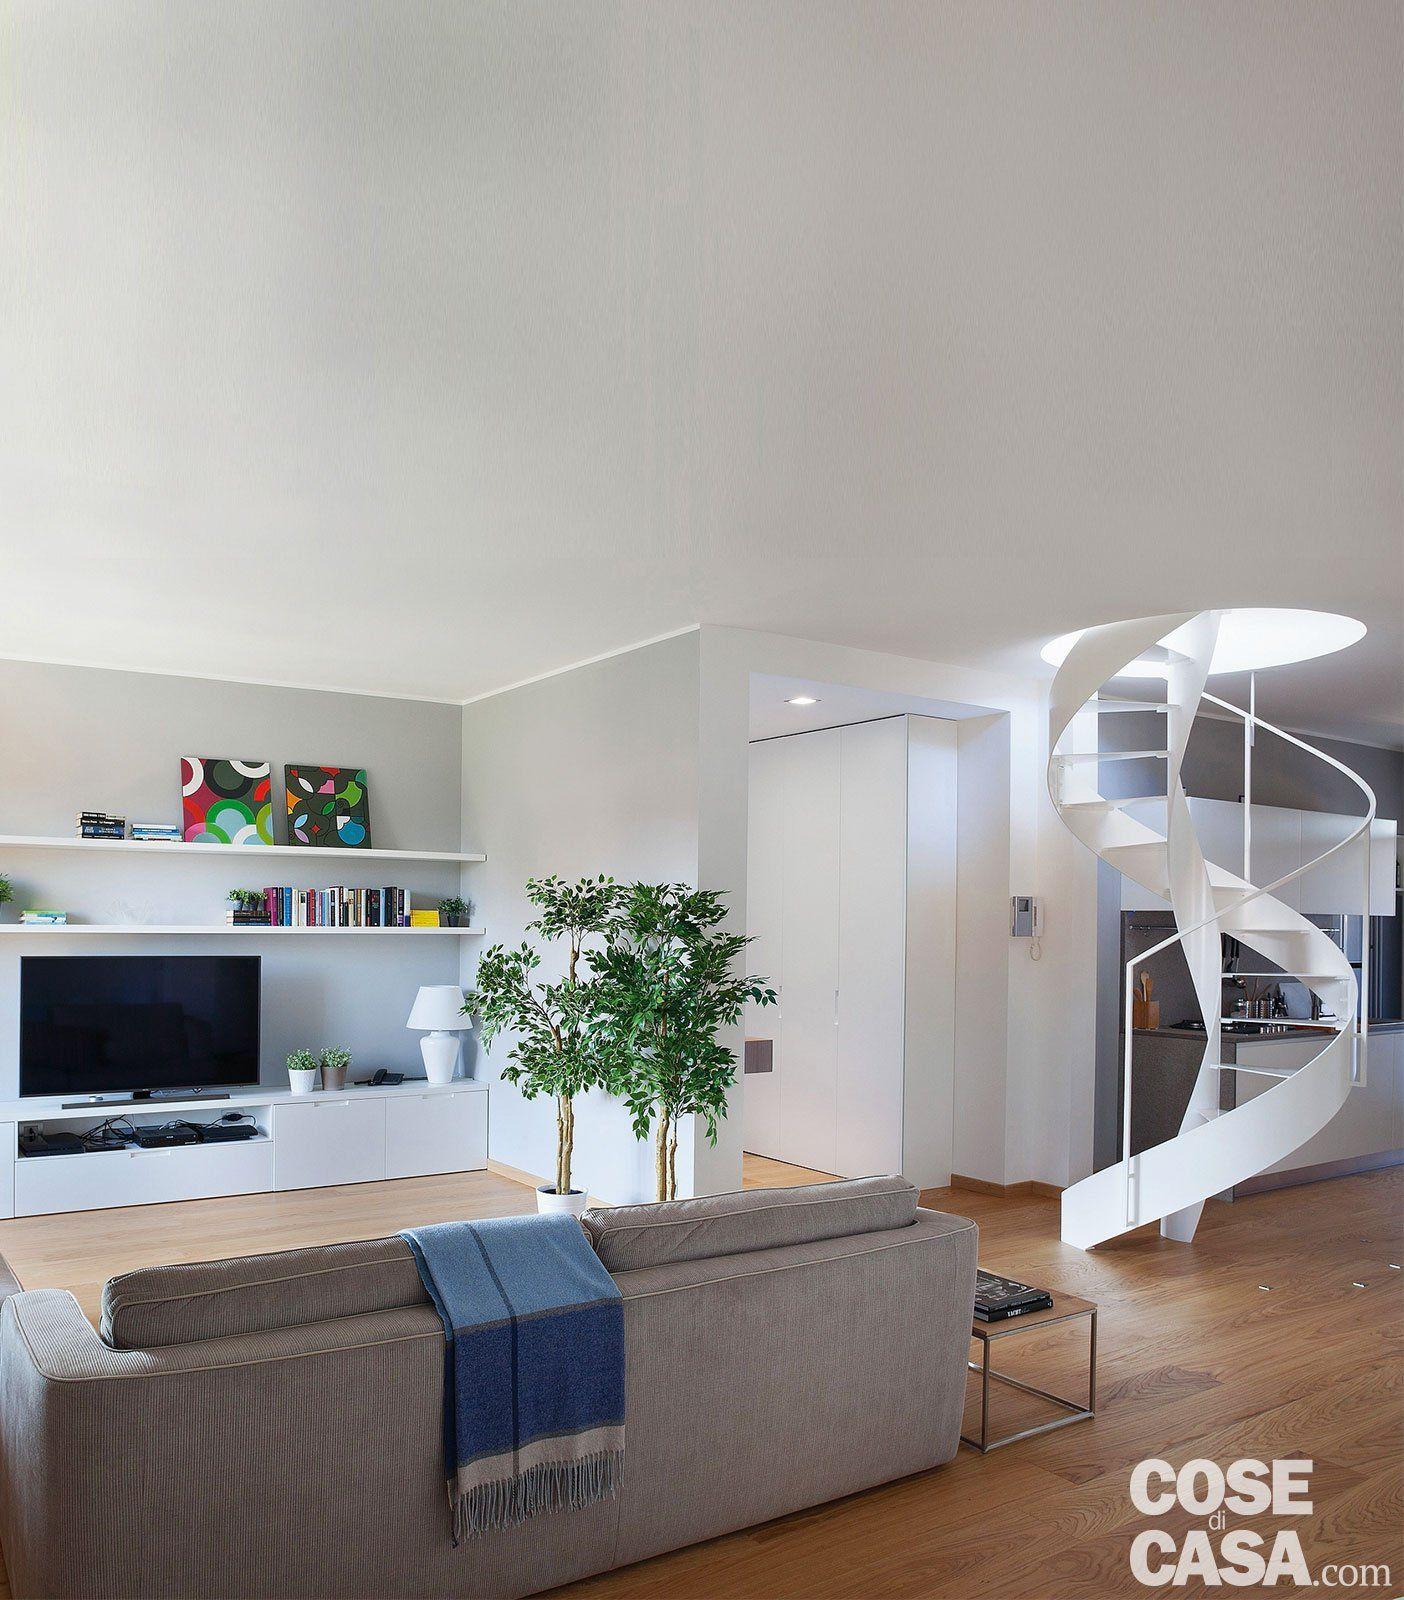 Cucina a vista sul soggiorno nel sottotetto con terrazzi a tasca nel ...